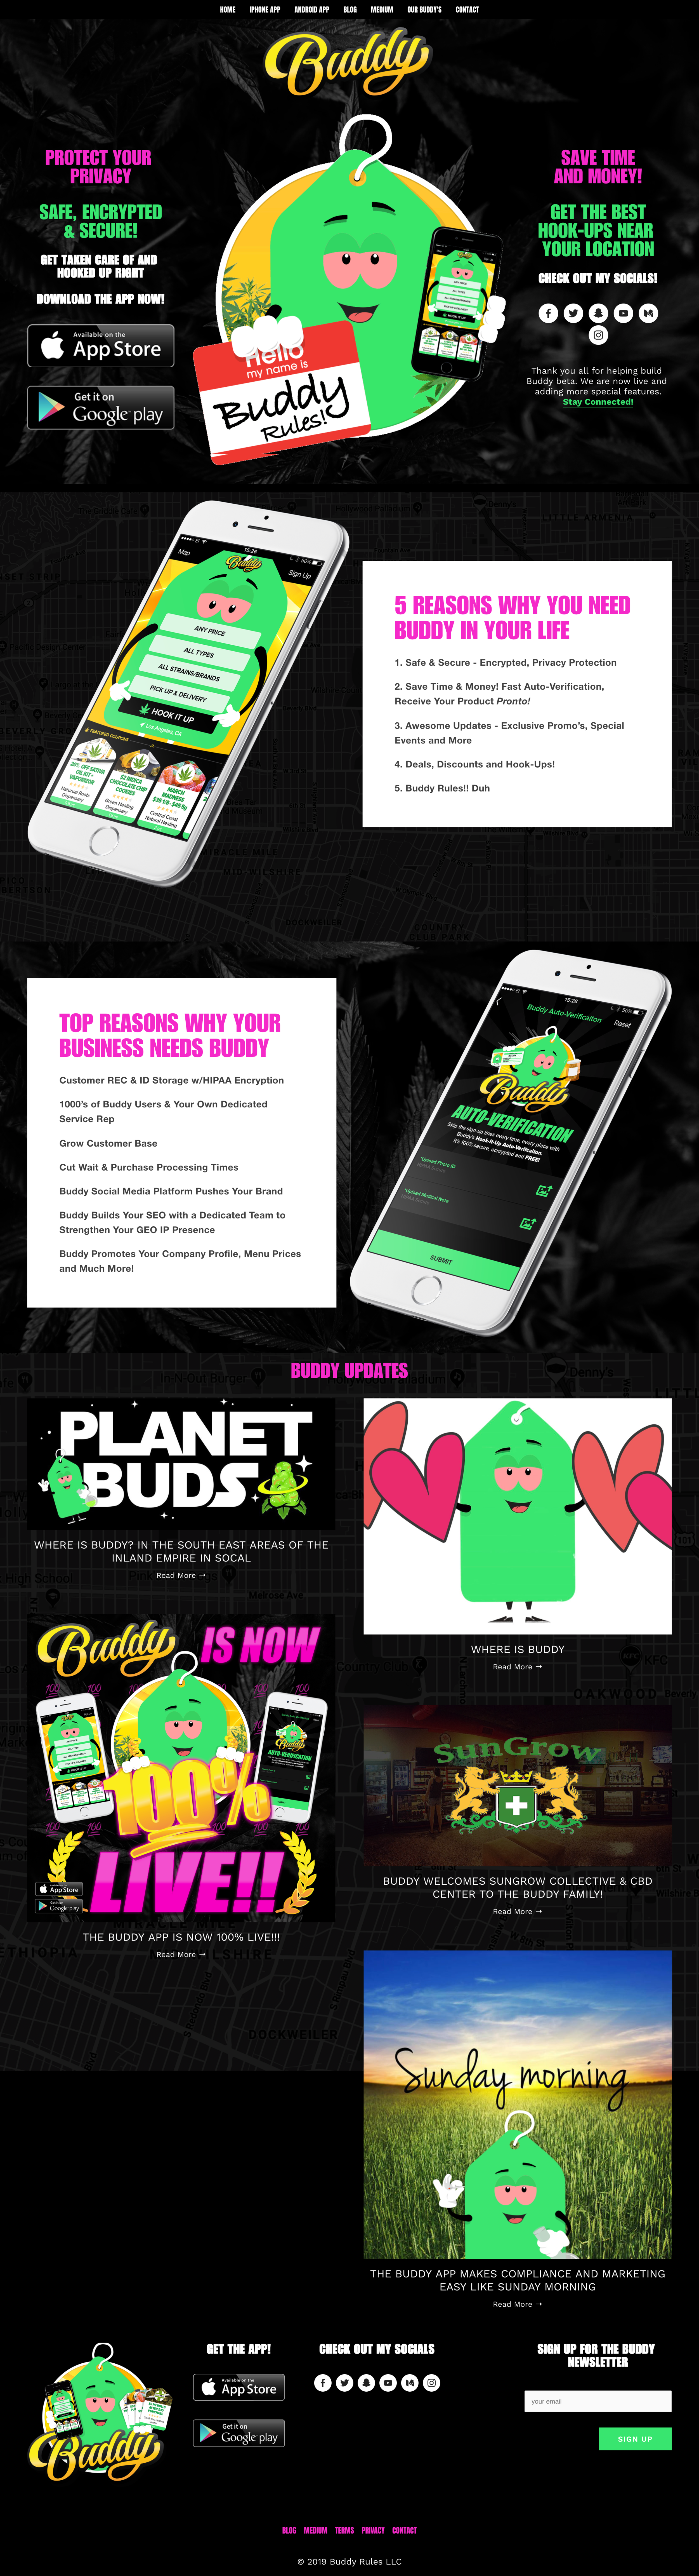 Buddy-screencapture-buddyrules-2019-08-15-15_26_24.png